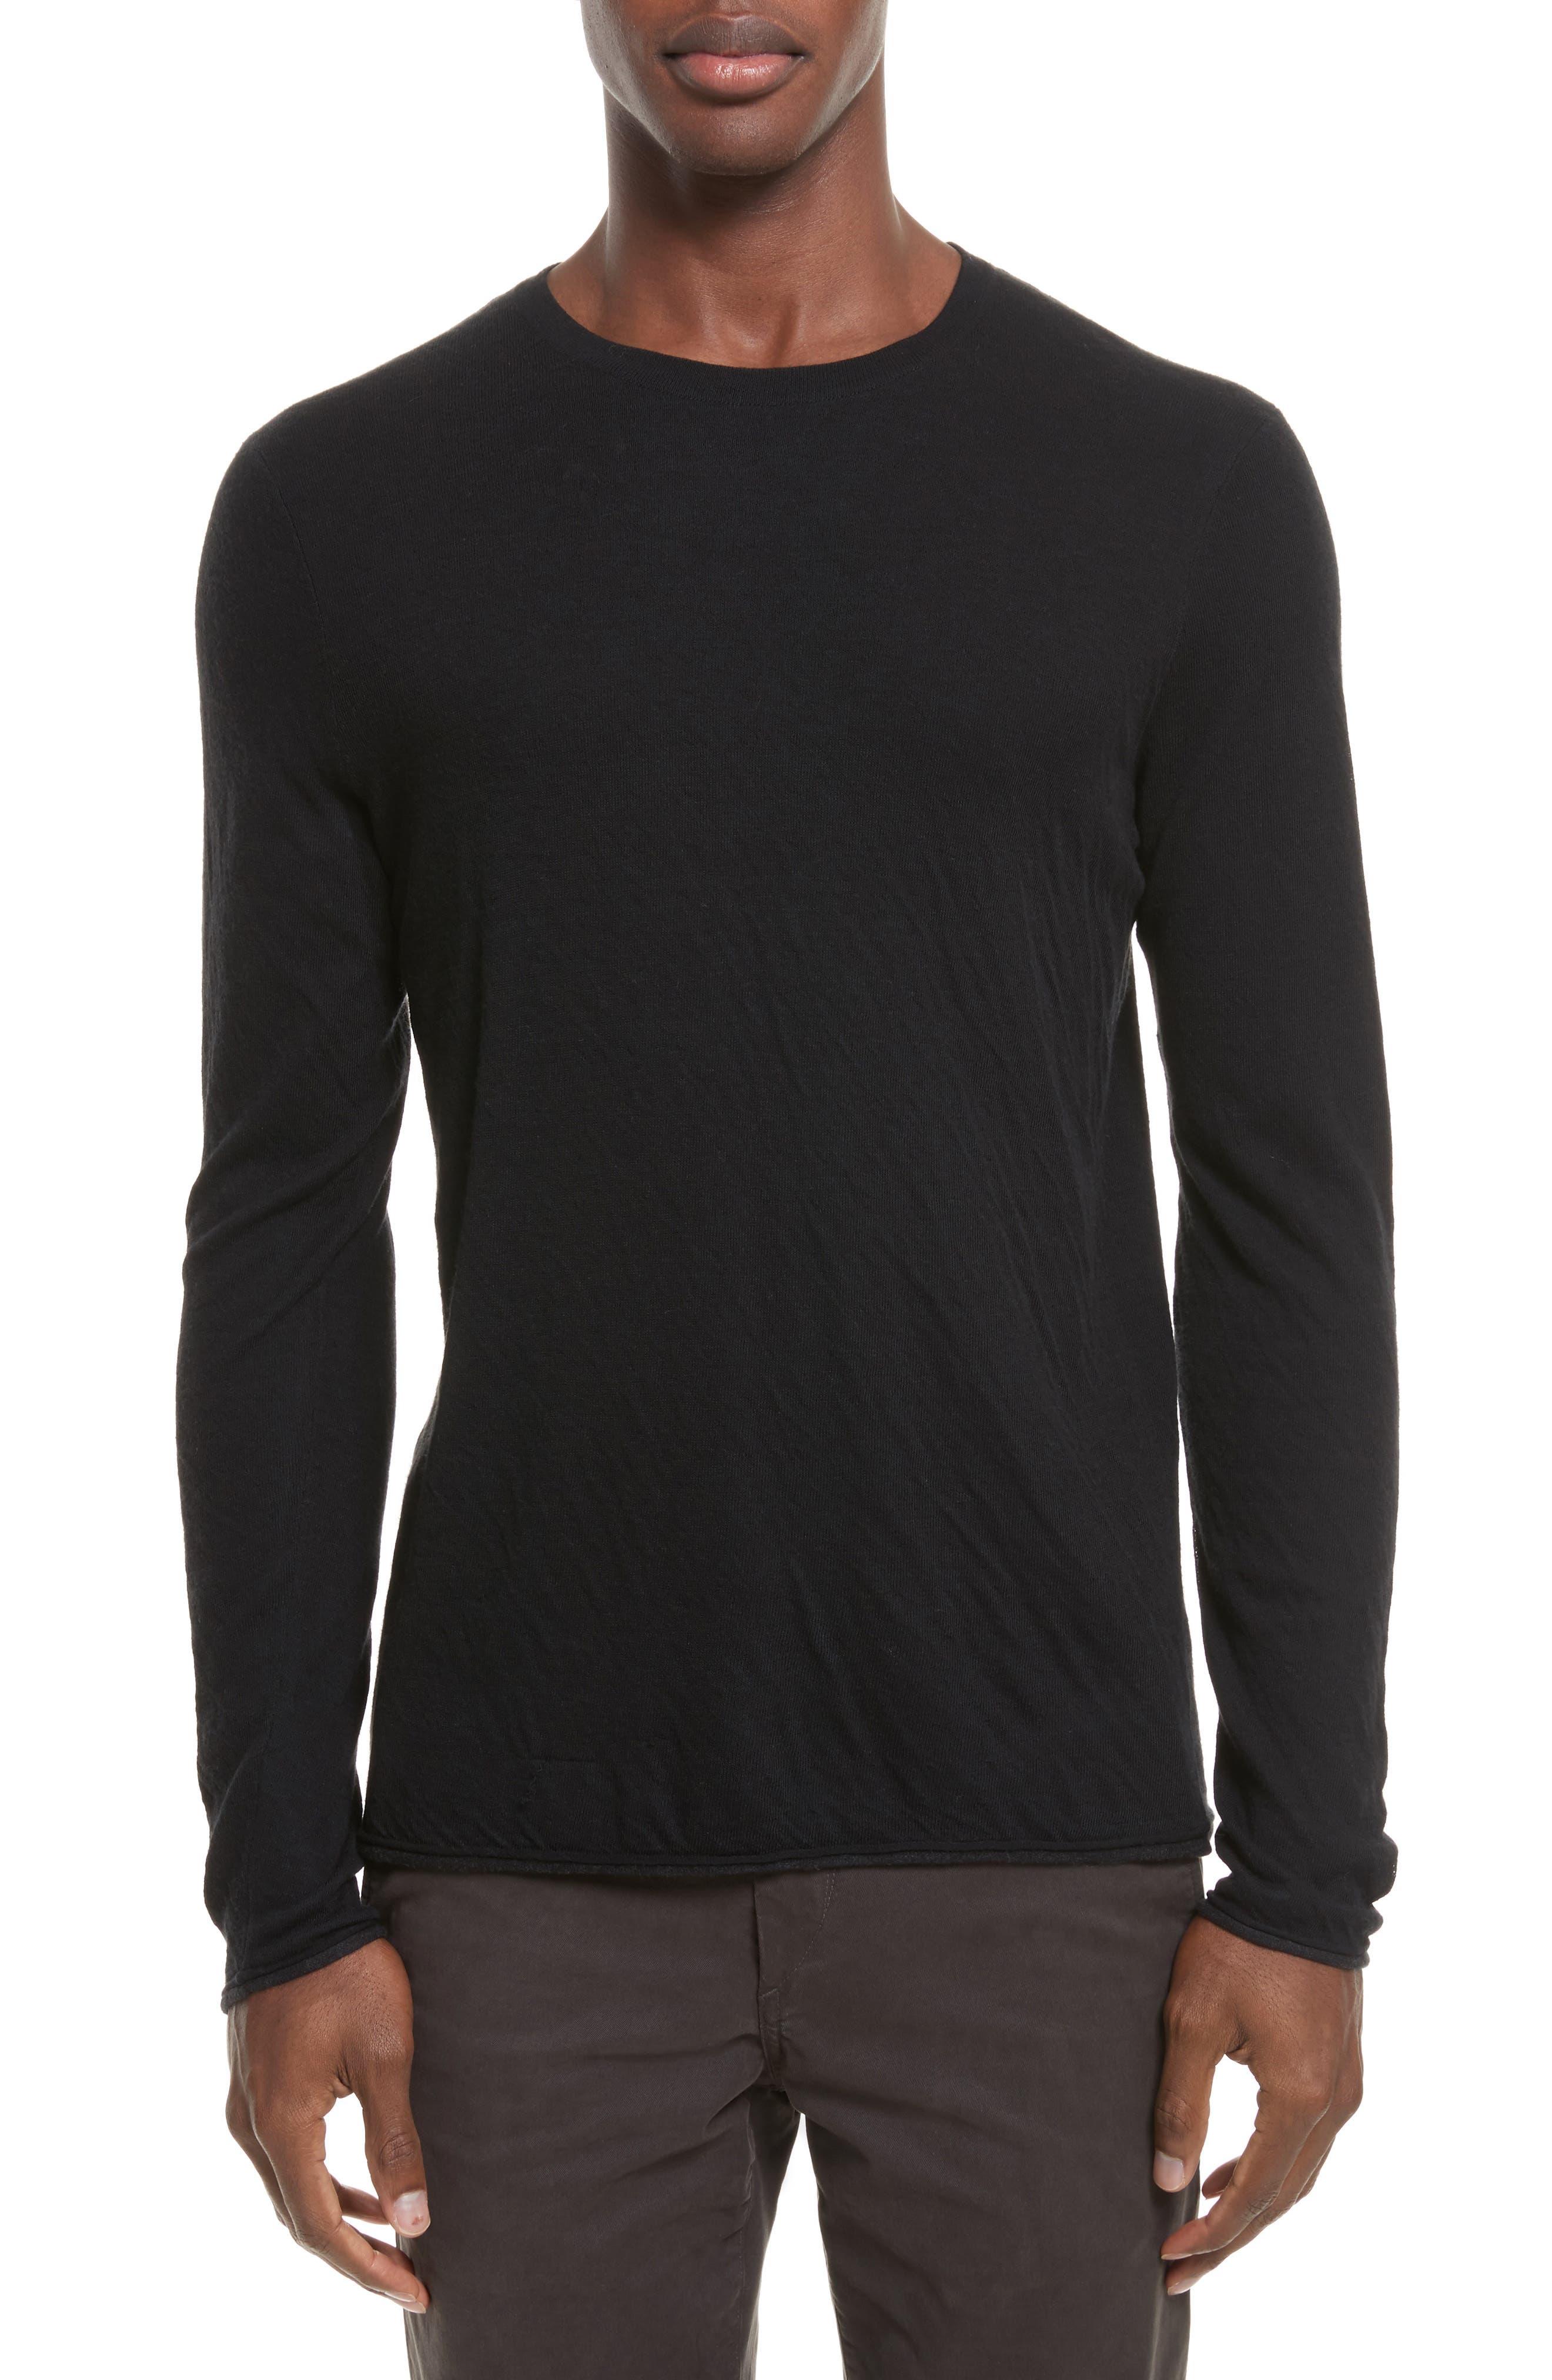 Tripp Crewneck Sweater,                         Main,                         color, 001